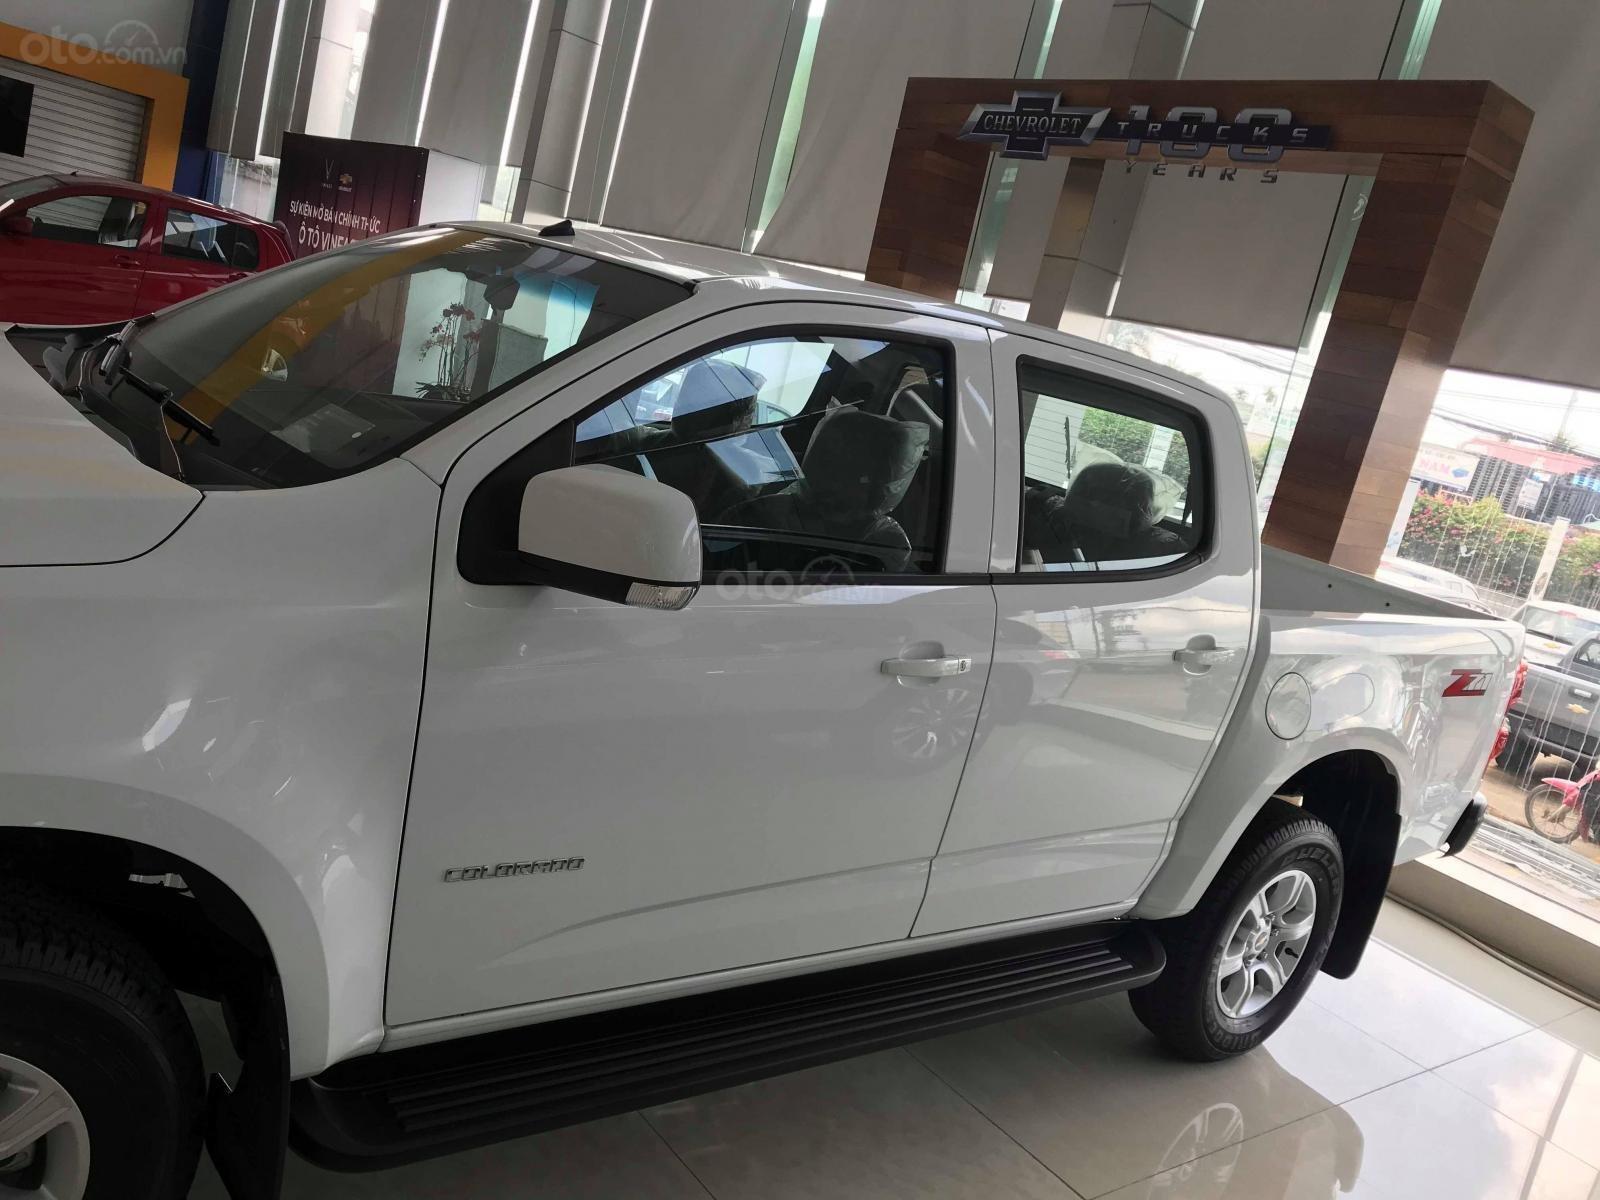 Bán Chevrolet Colorado LT 2018, màu trắng, xe nhập khẩu mới 100% giao ngay-1